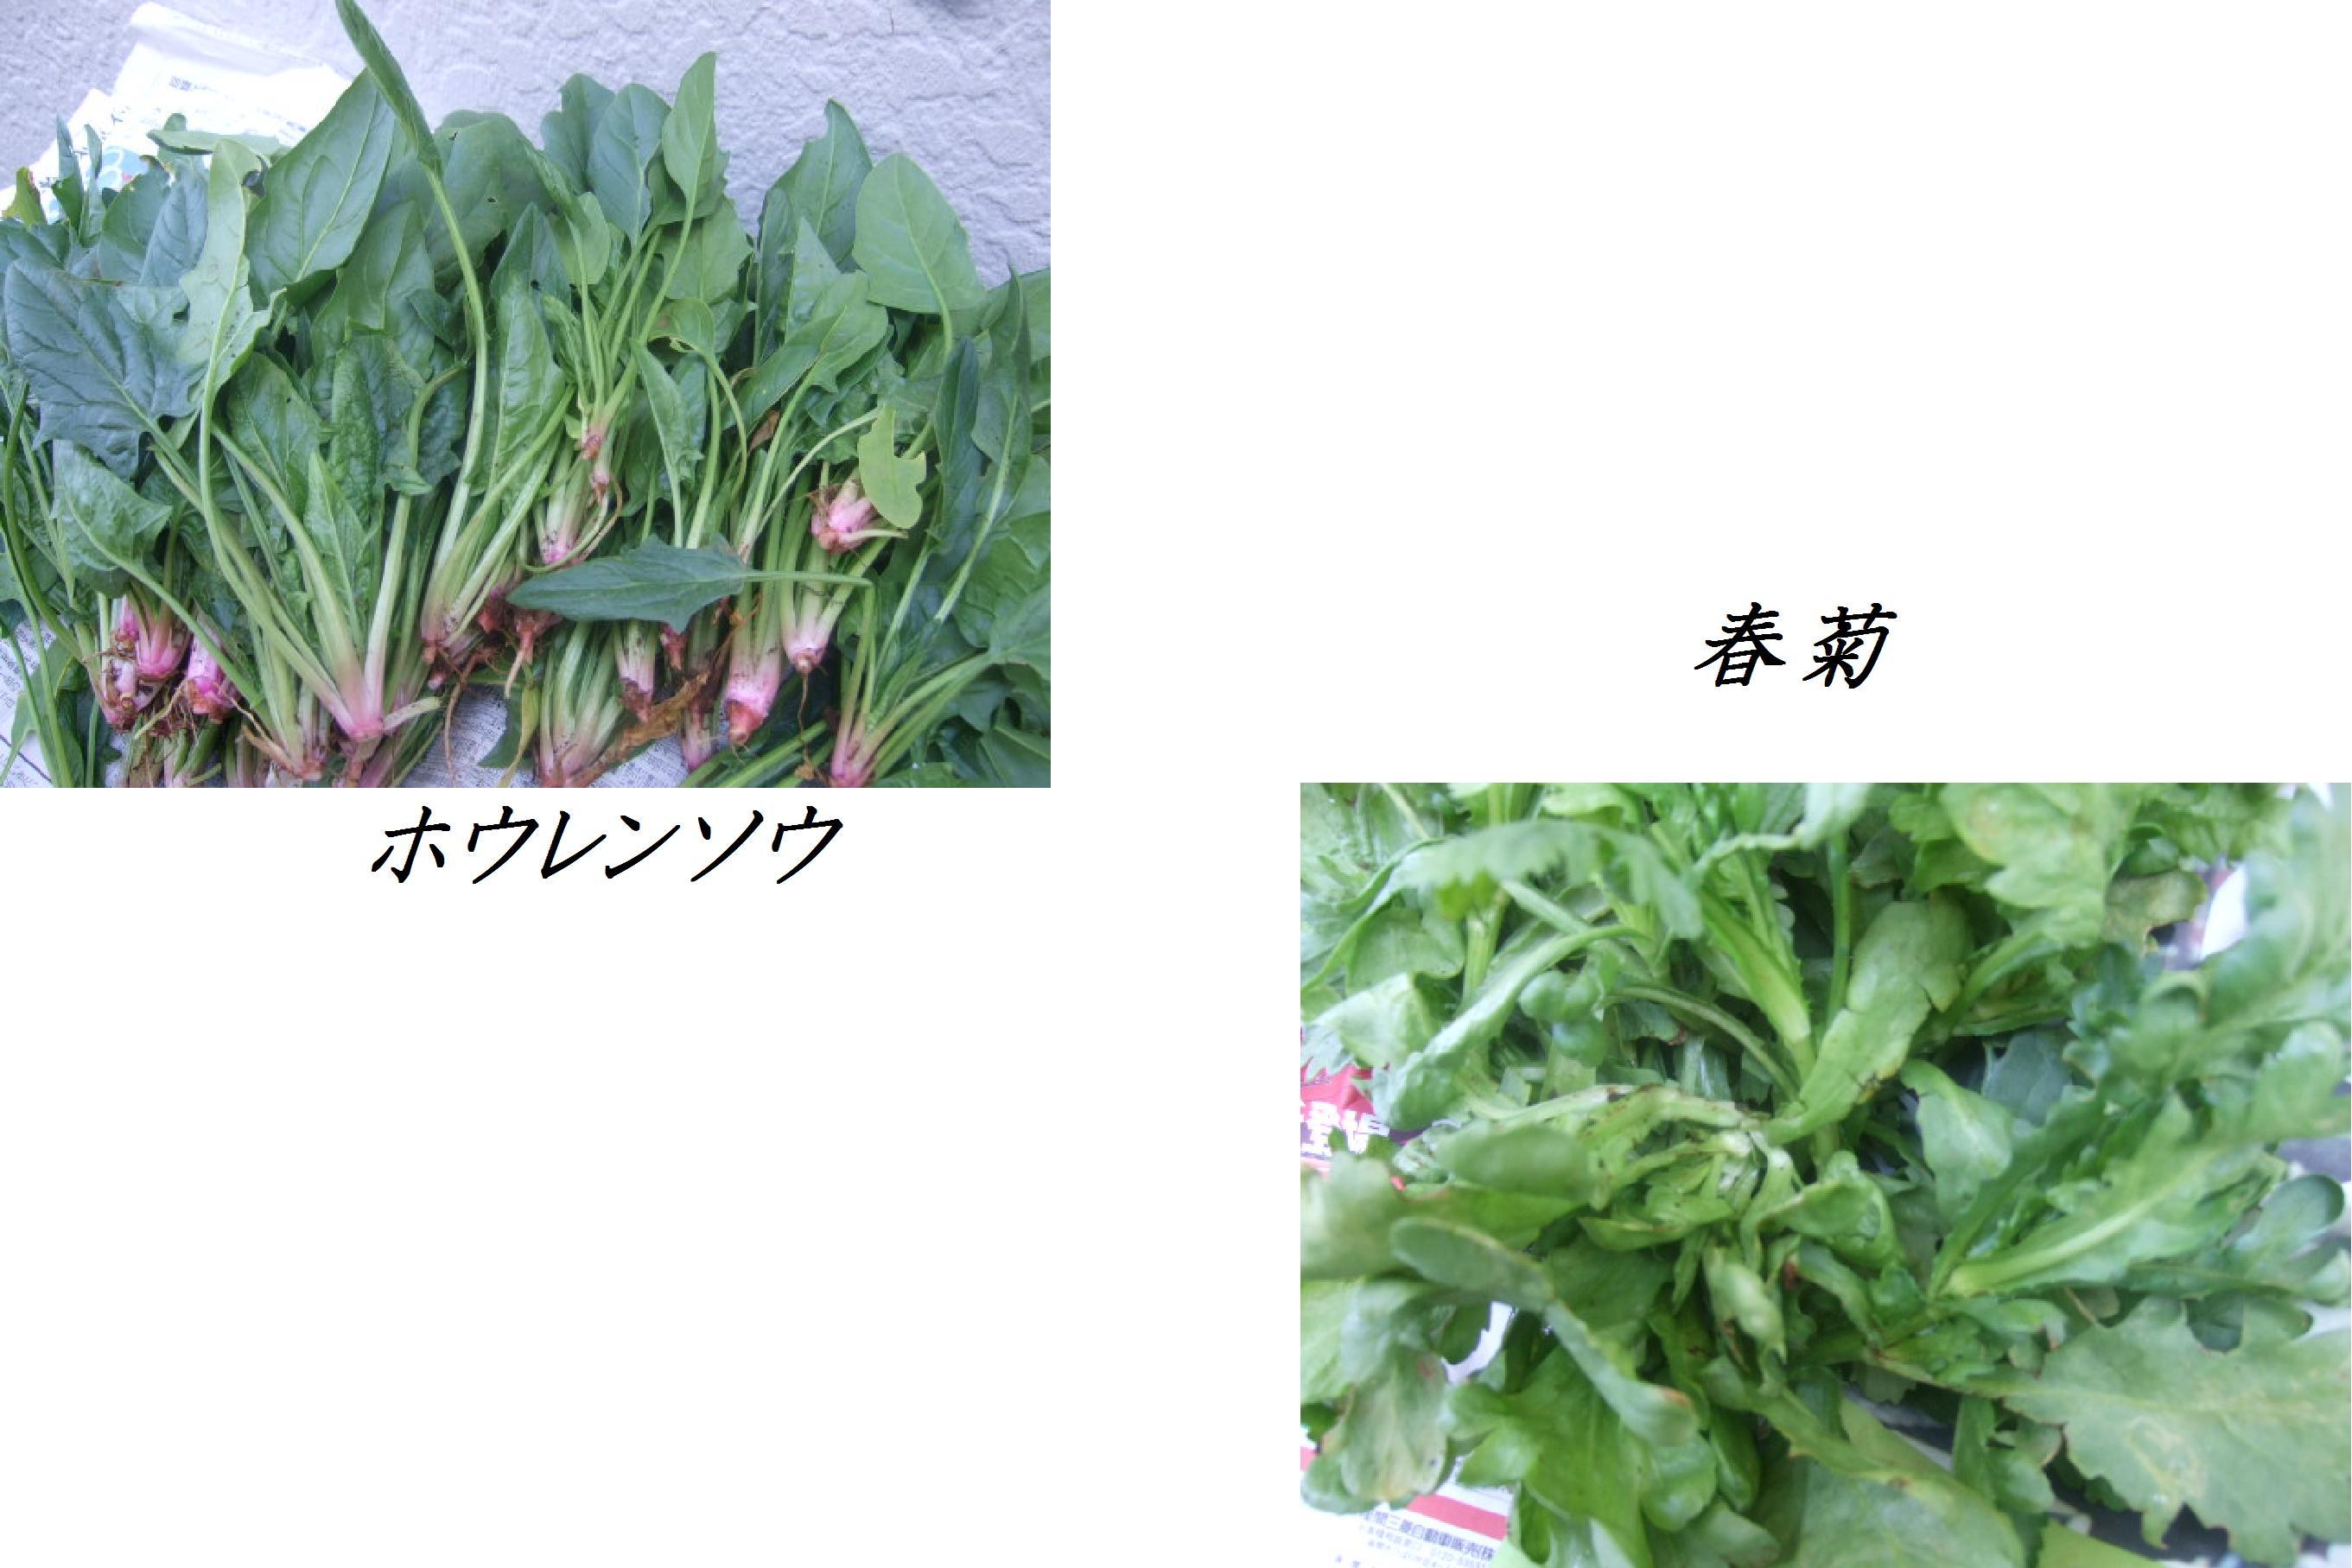 野菜大豊作.....収穫だ!_b0137932_1015499.jpg